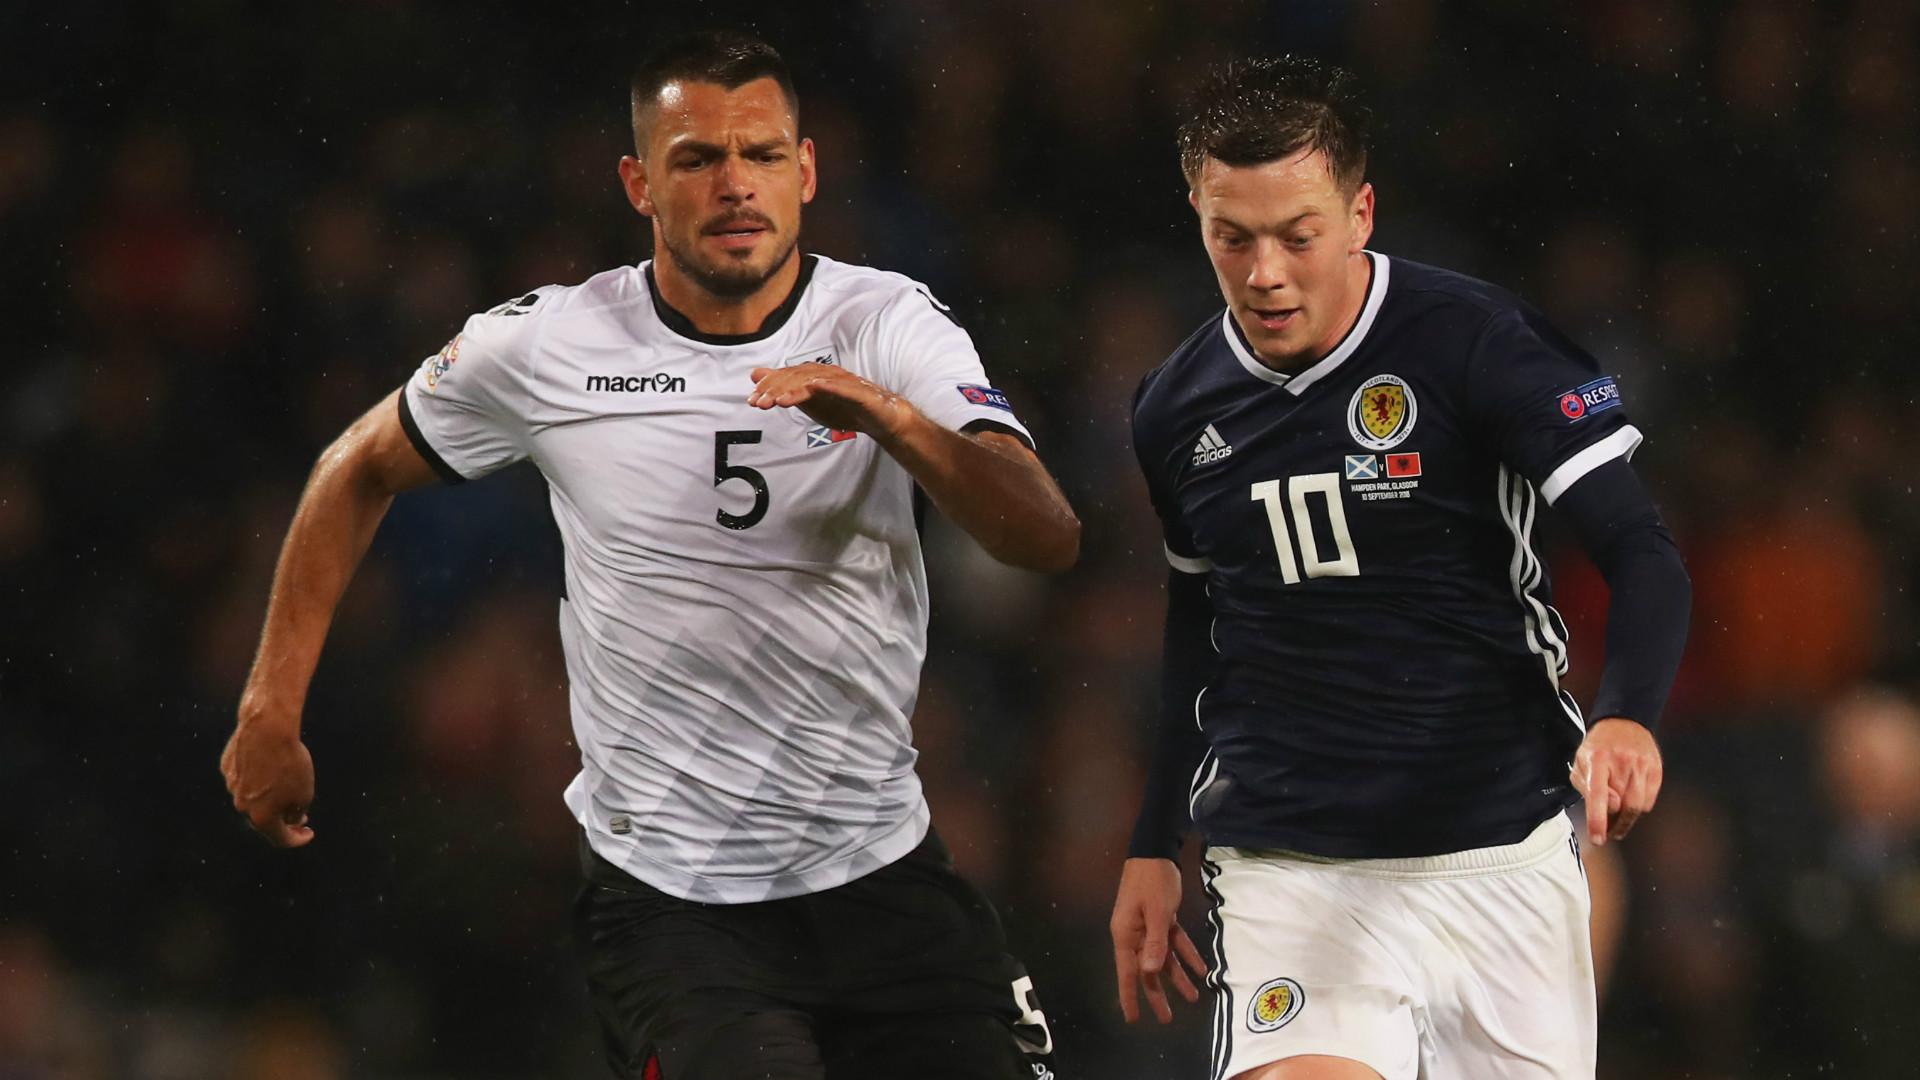 Callum McGregor Scotland 2018-19